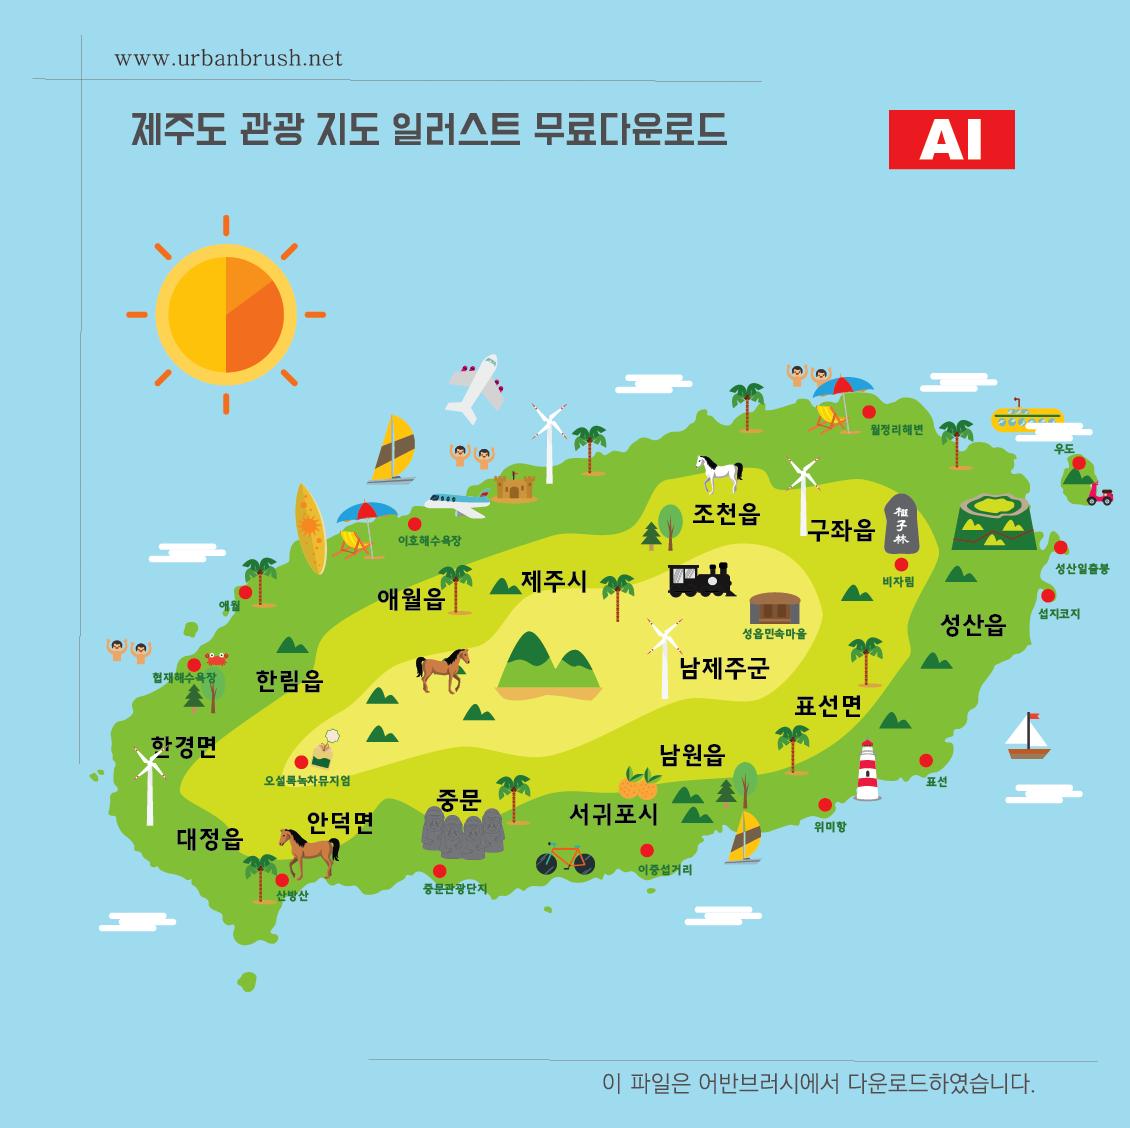 제주도 관광 지도 일러스트 Ai 무료다운로드 Juju Travel Map Urbanbrush